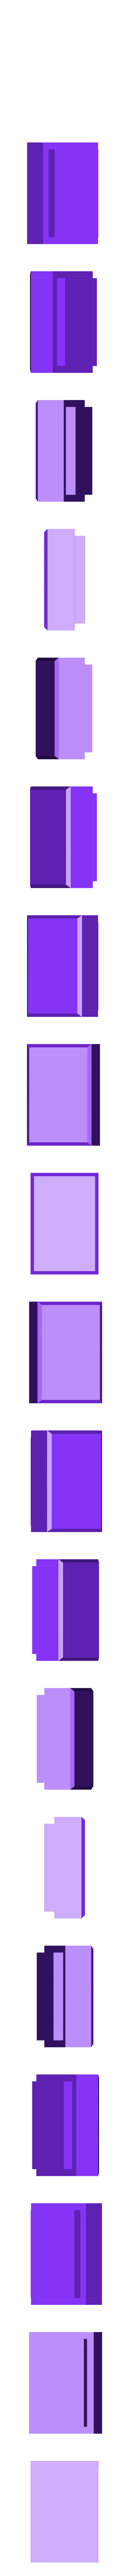 BlockBack14_05.stl Download STL file Playing Card Tiles • Object to 3D print, Jinja